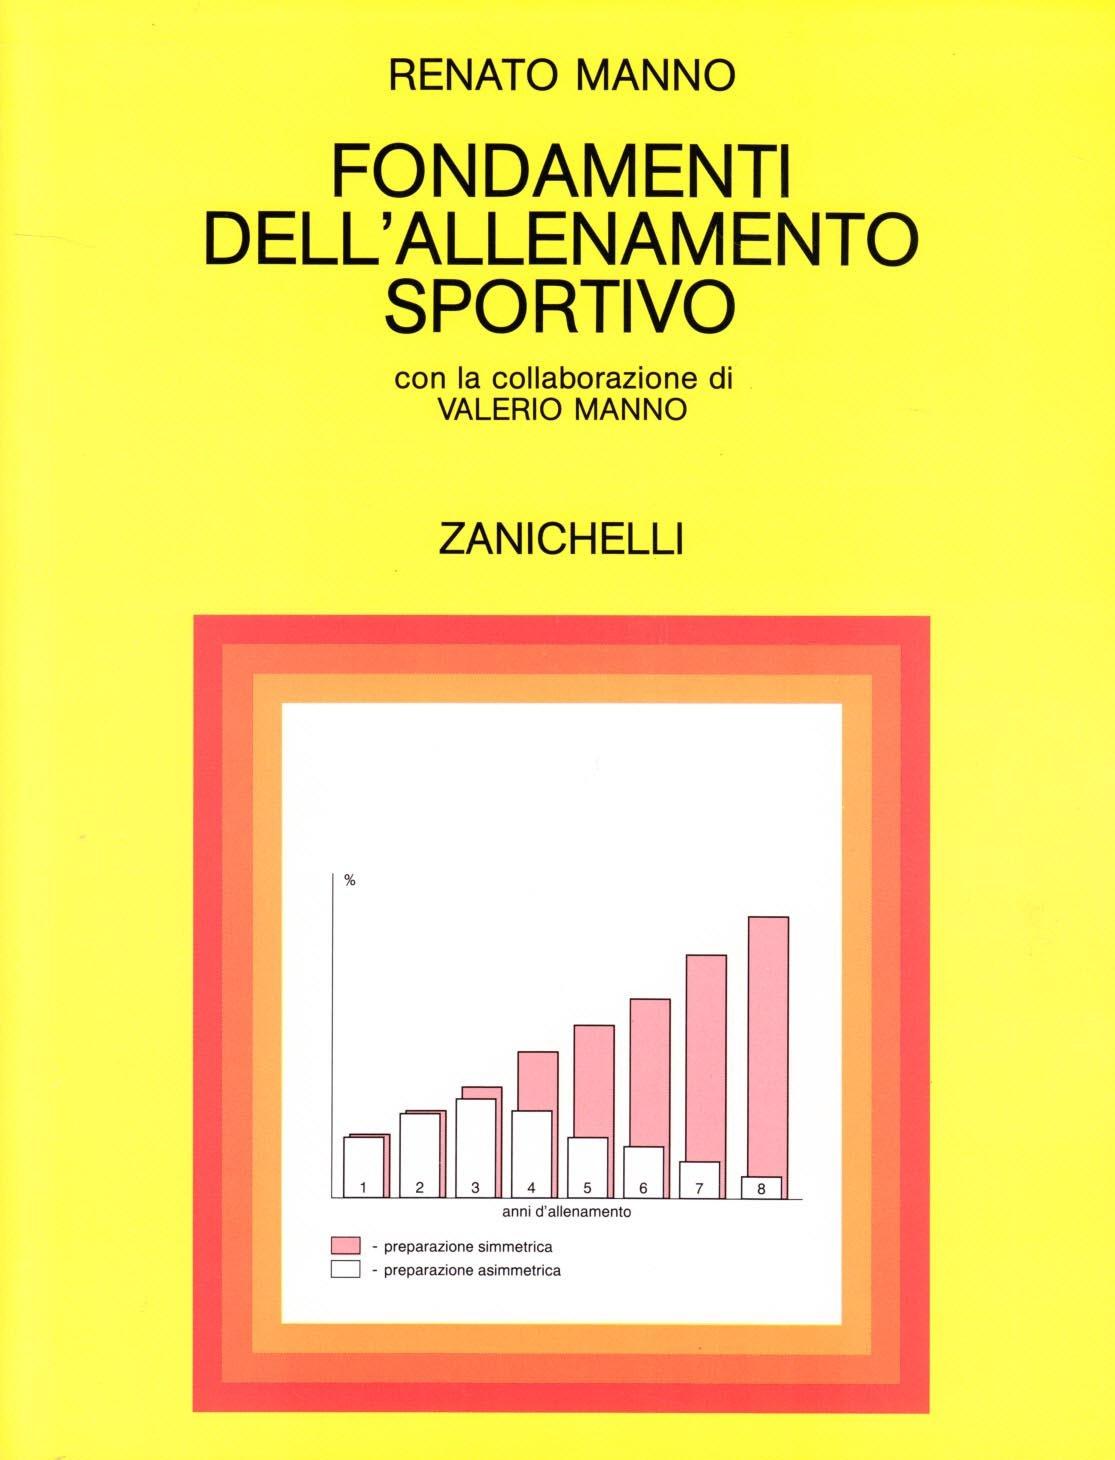 Fondamenti dell'allenamento sportivo Copertina flessibile – 31 lug 1989 Renato Manno Zanichelli 8808118886 Manuali